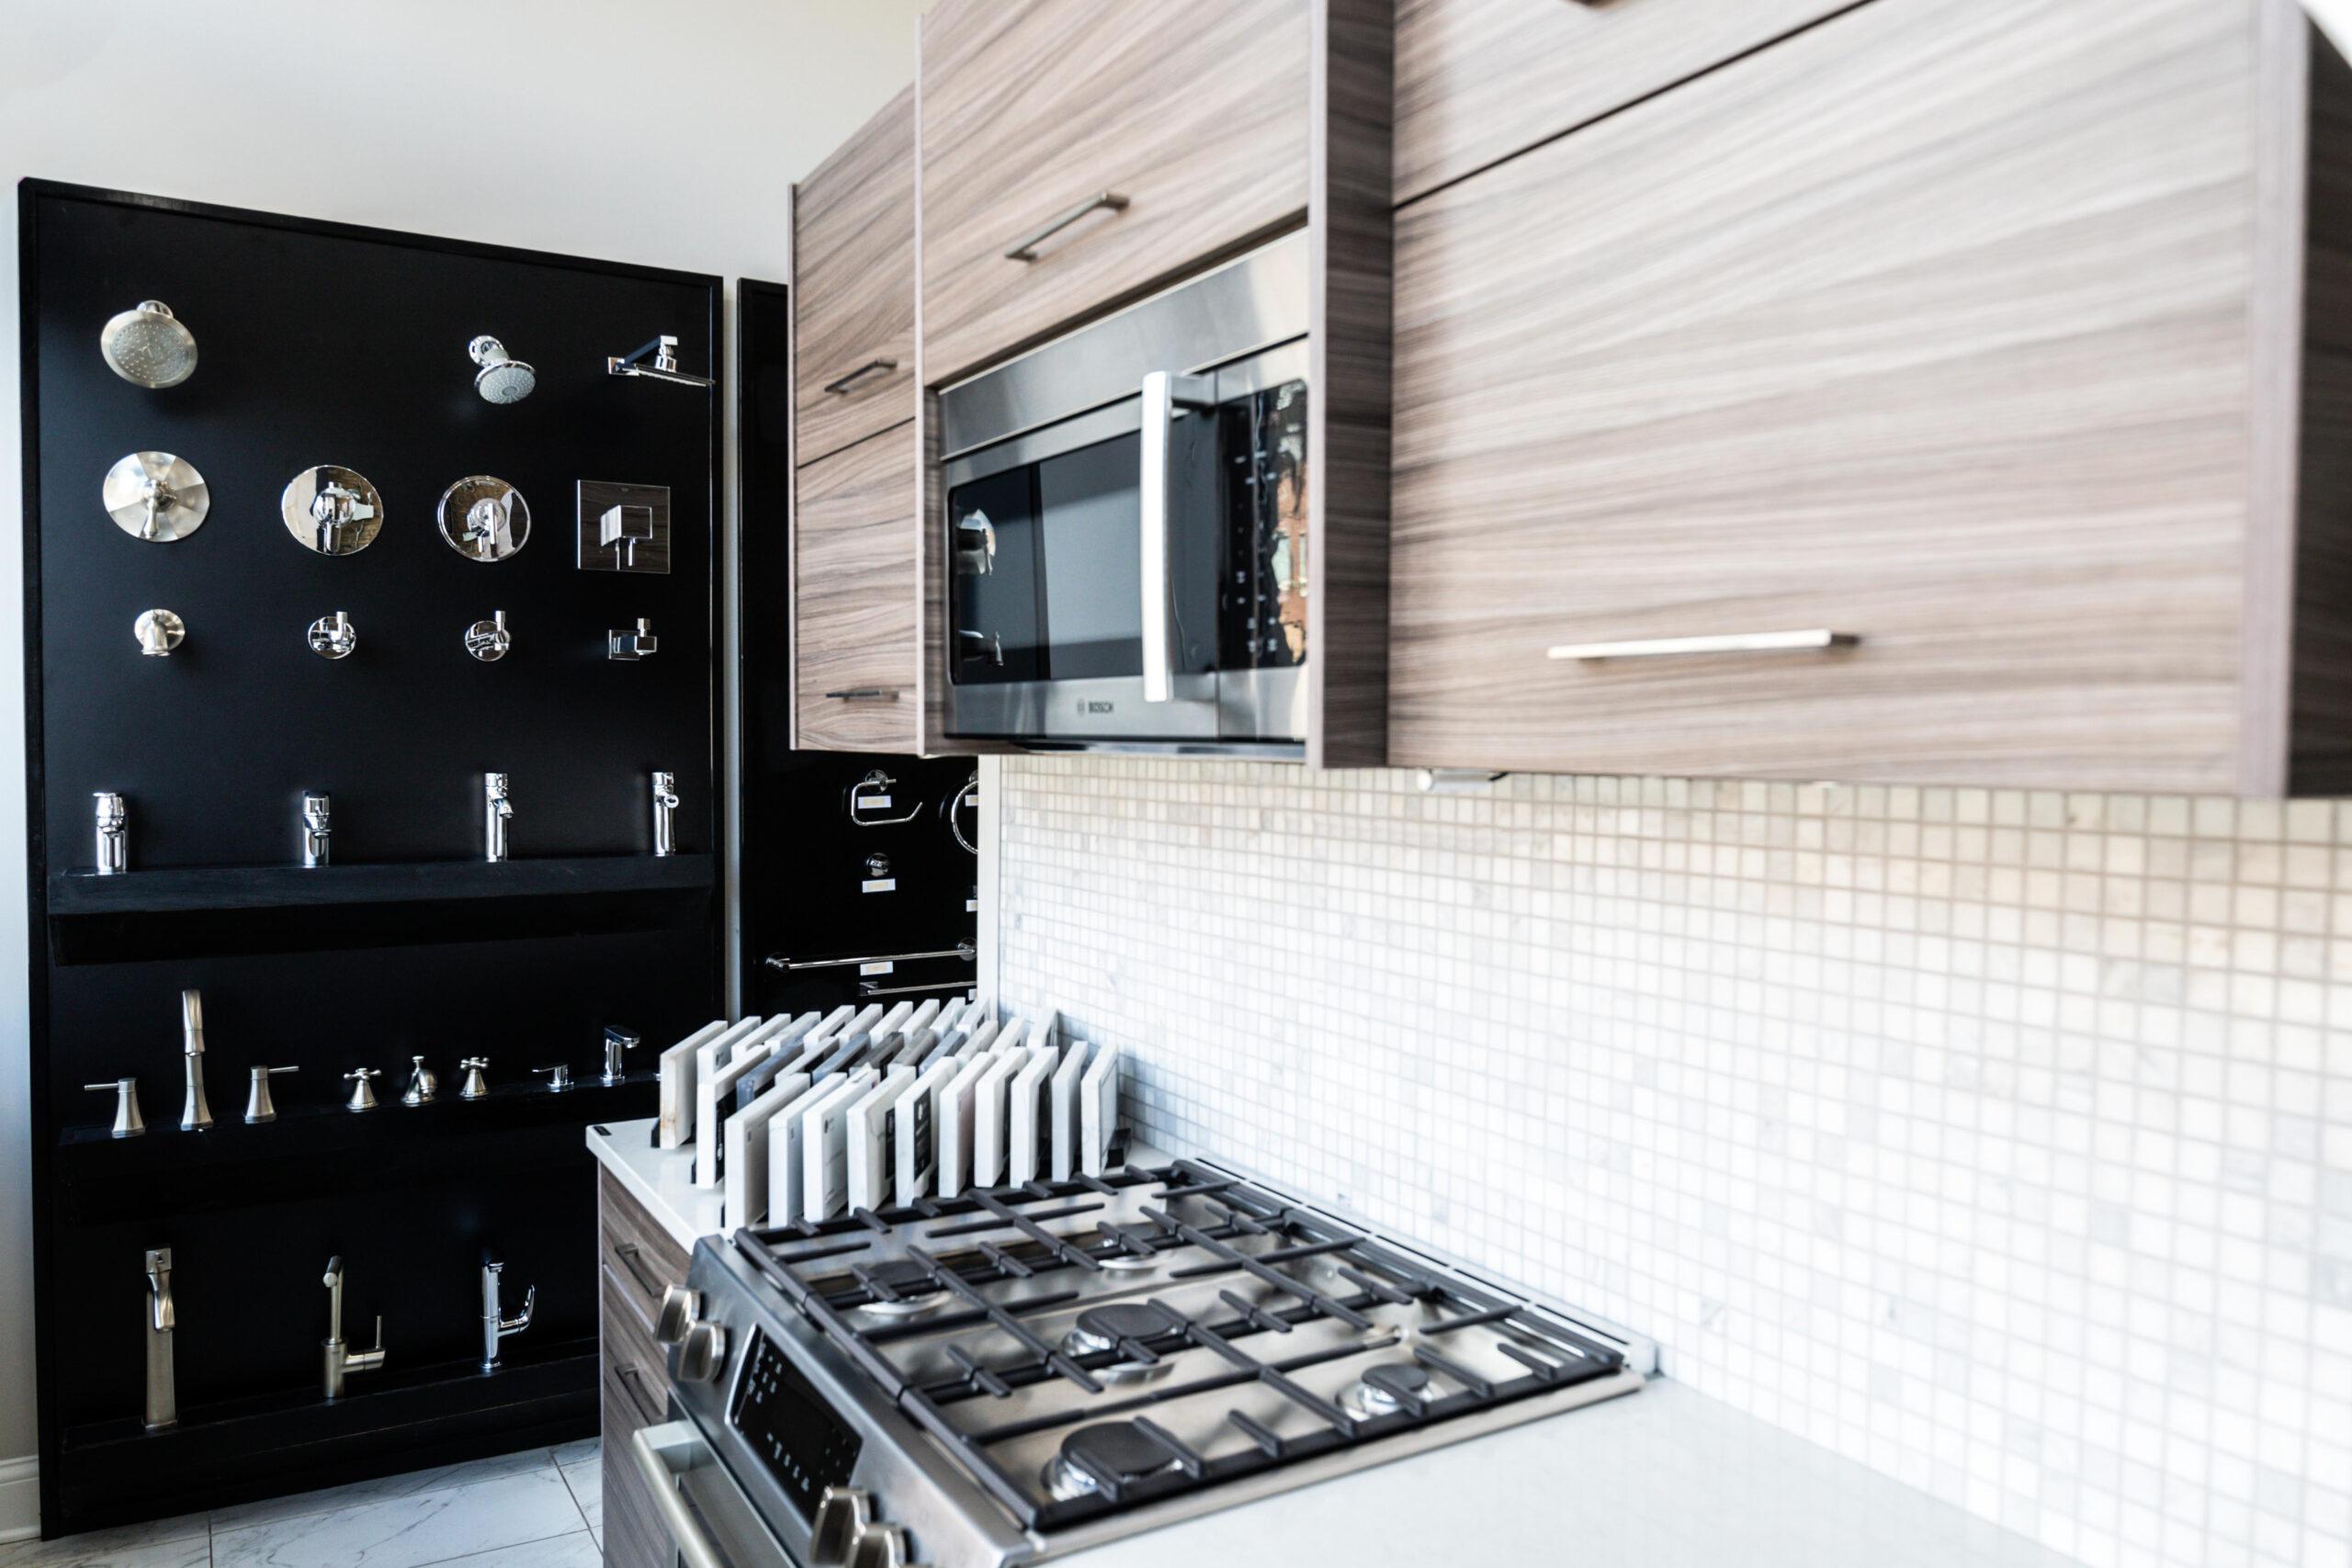 Chicago kitchen designs